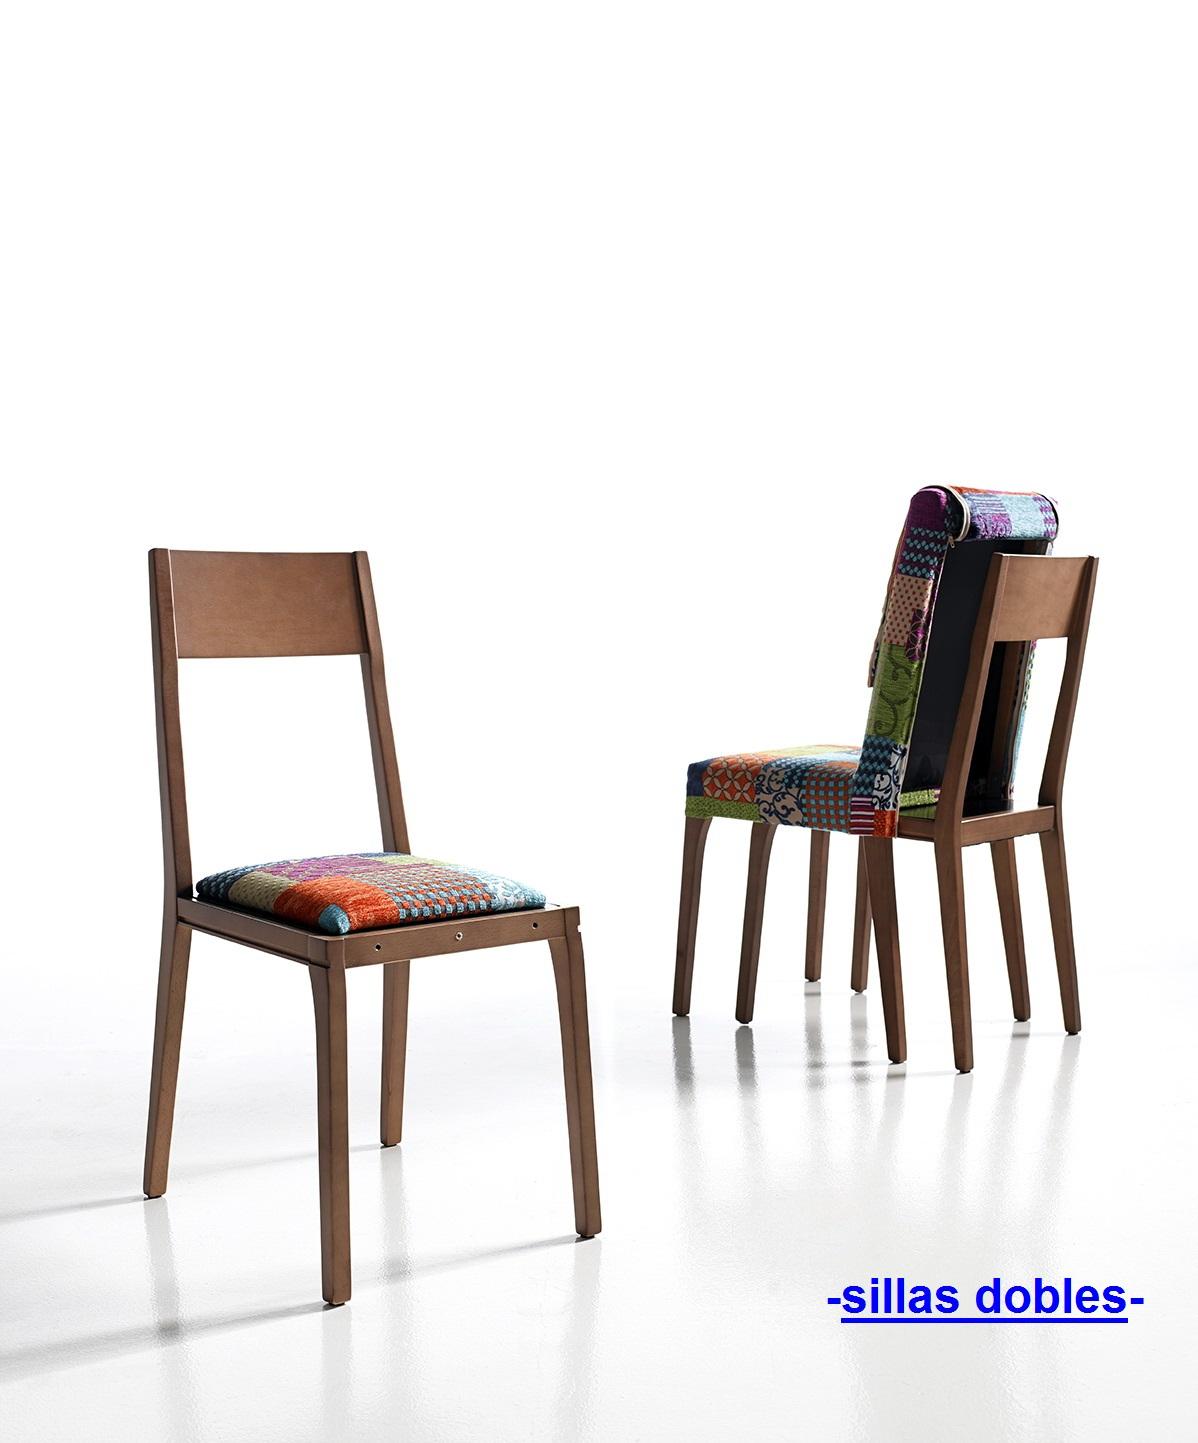 Sillas modernas dobles by Moya Andreu de venta en Muebles ...